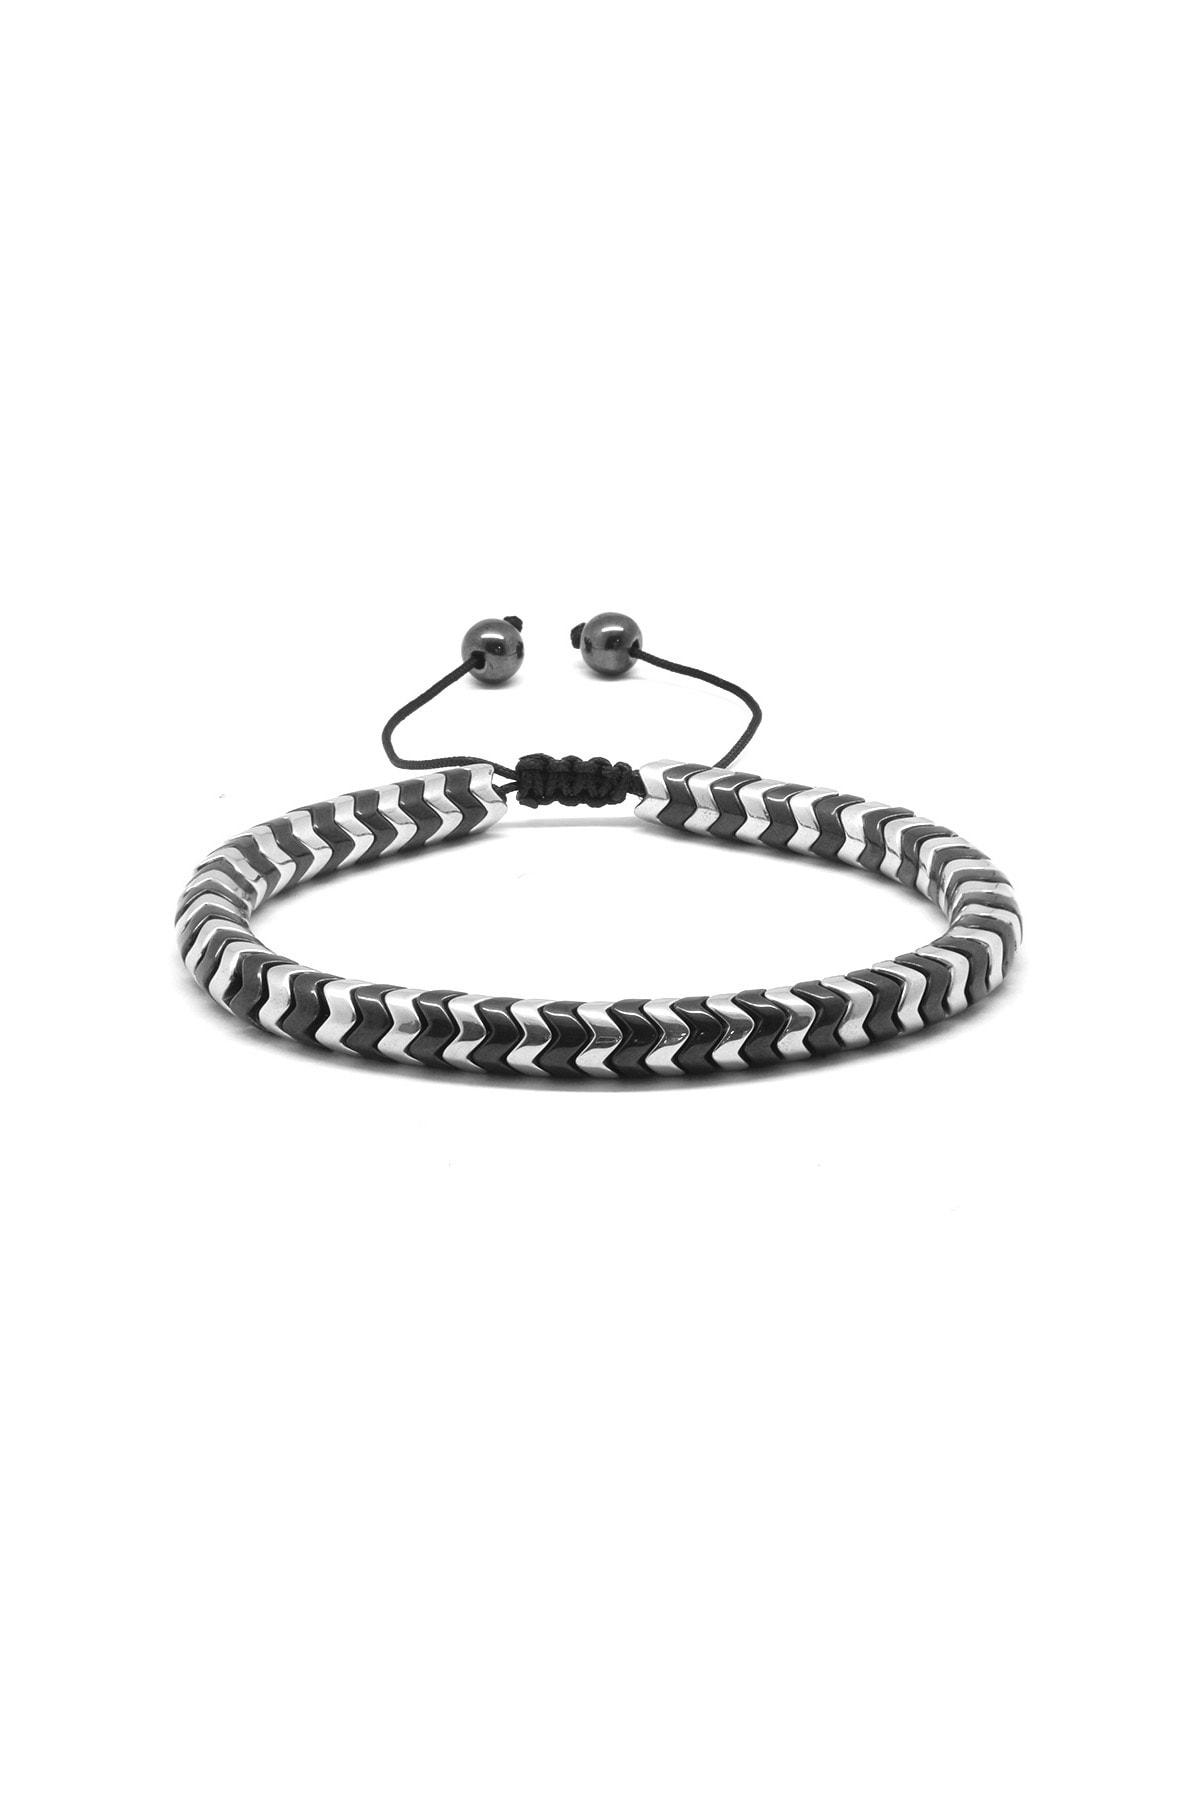 Tesbihane Yılan Tasarım Black-Silver Hematit Doğaltaş Bileklik 104000566